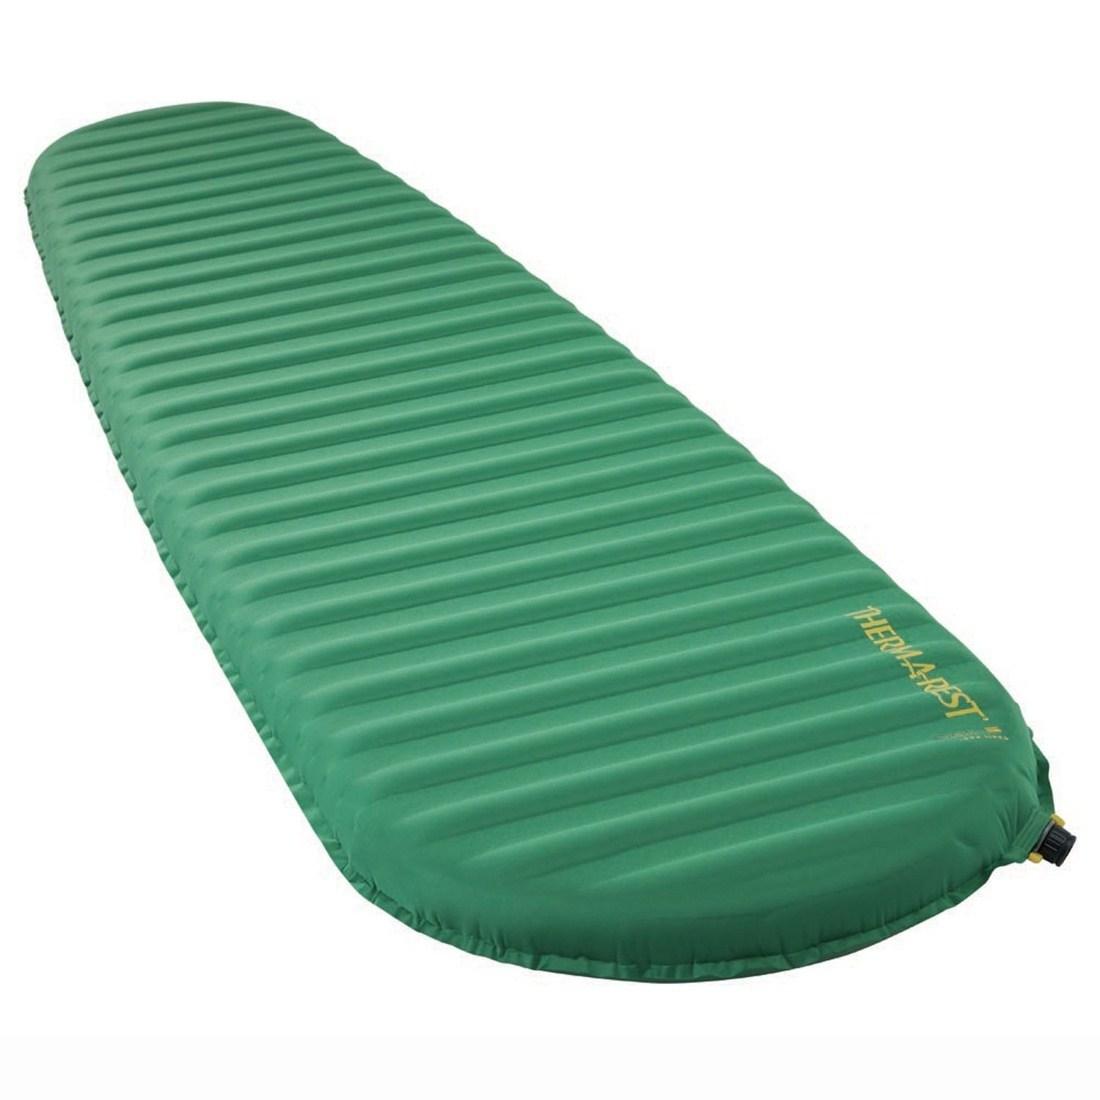 サーマレスト トレイルプロ パイン R 自動膨張式マットレス  国内正規品 30086